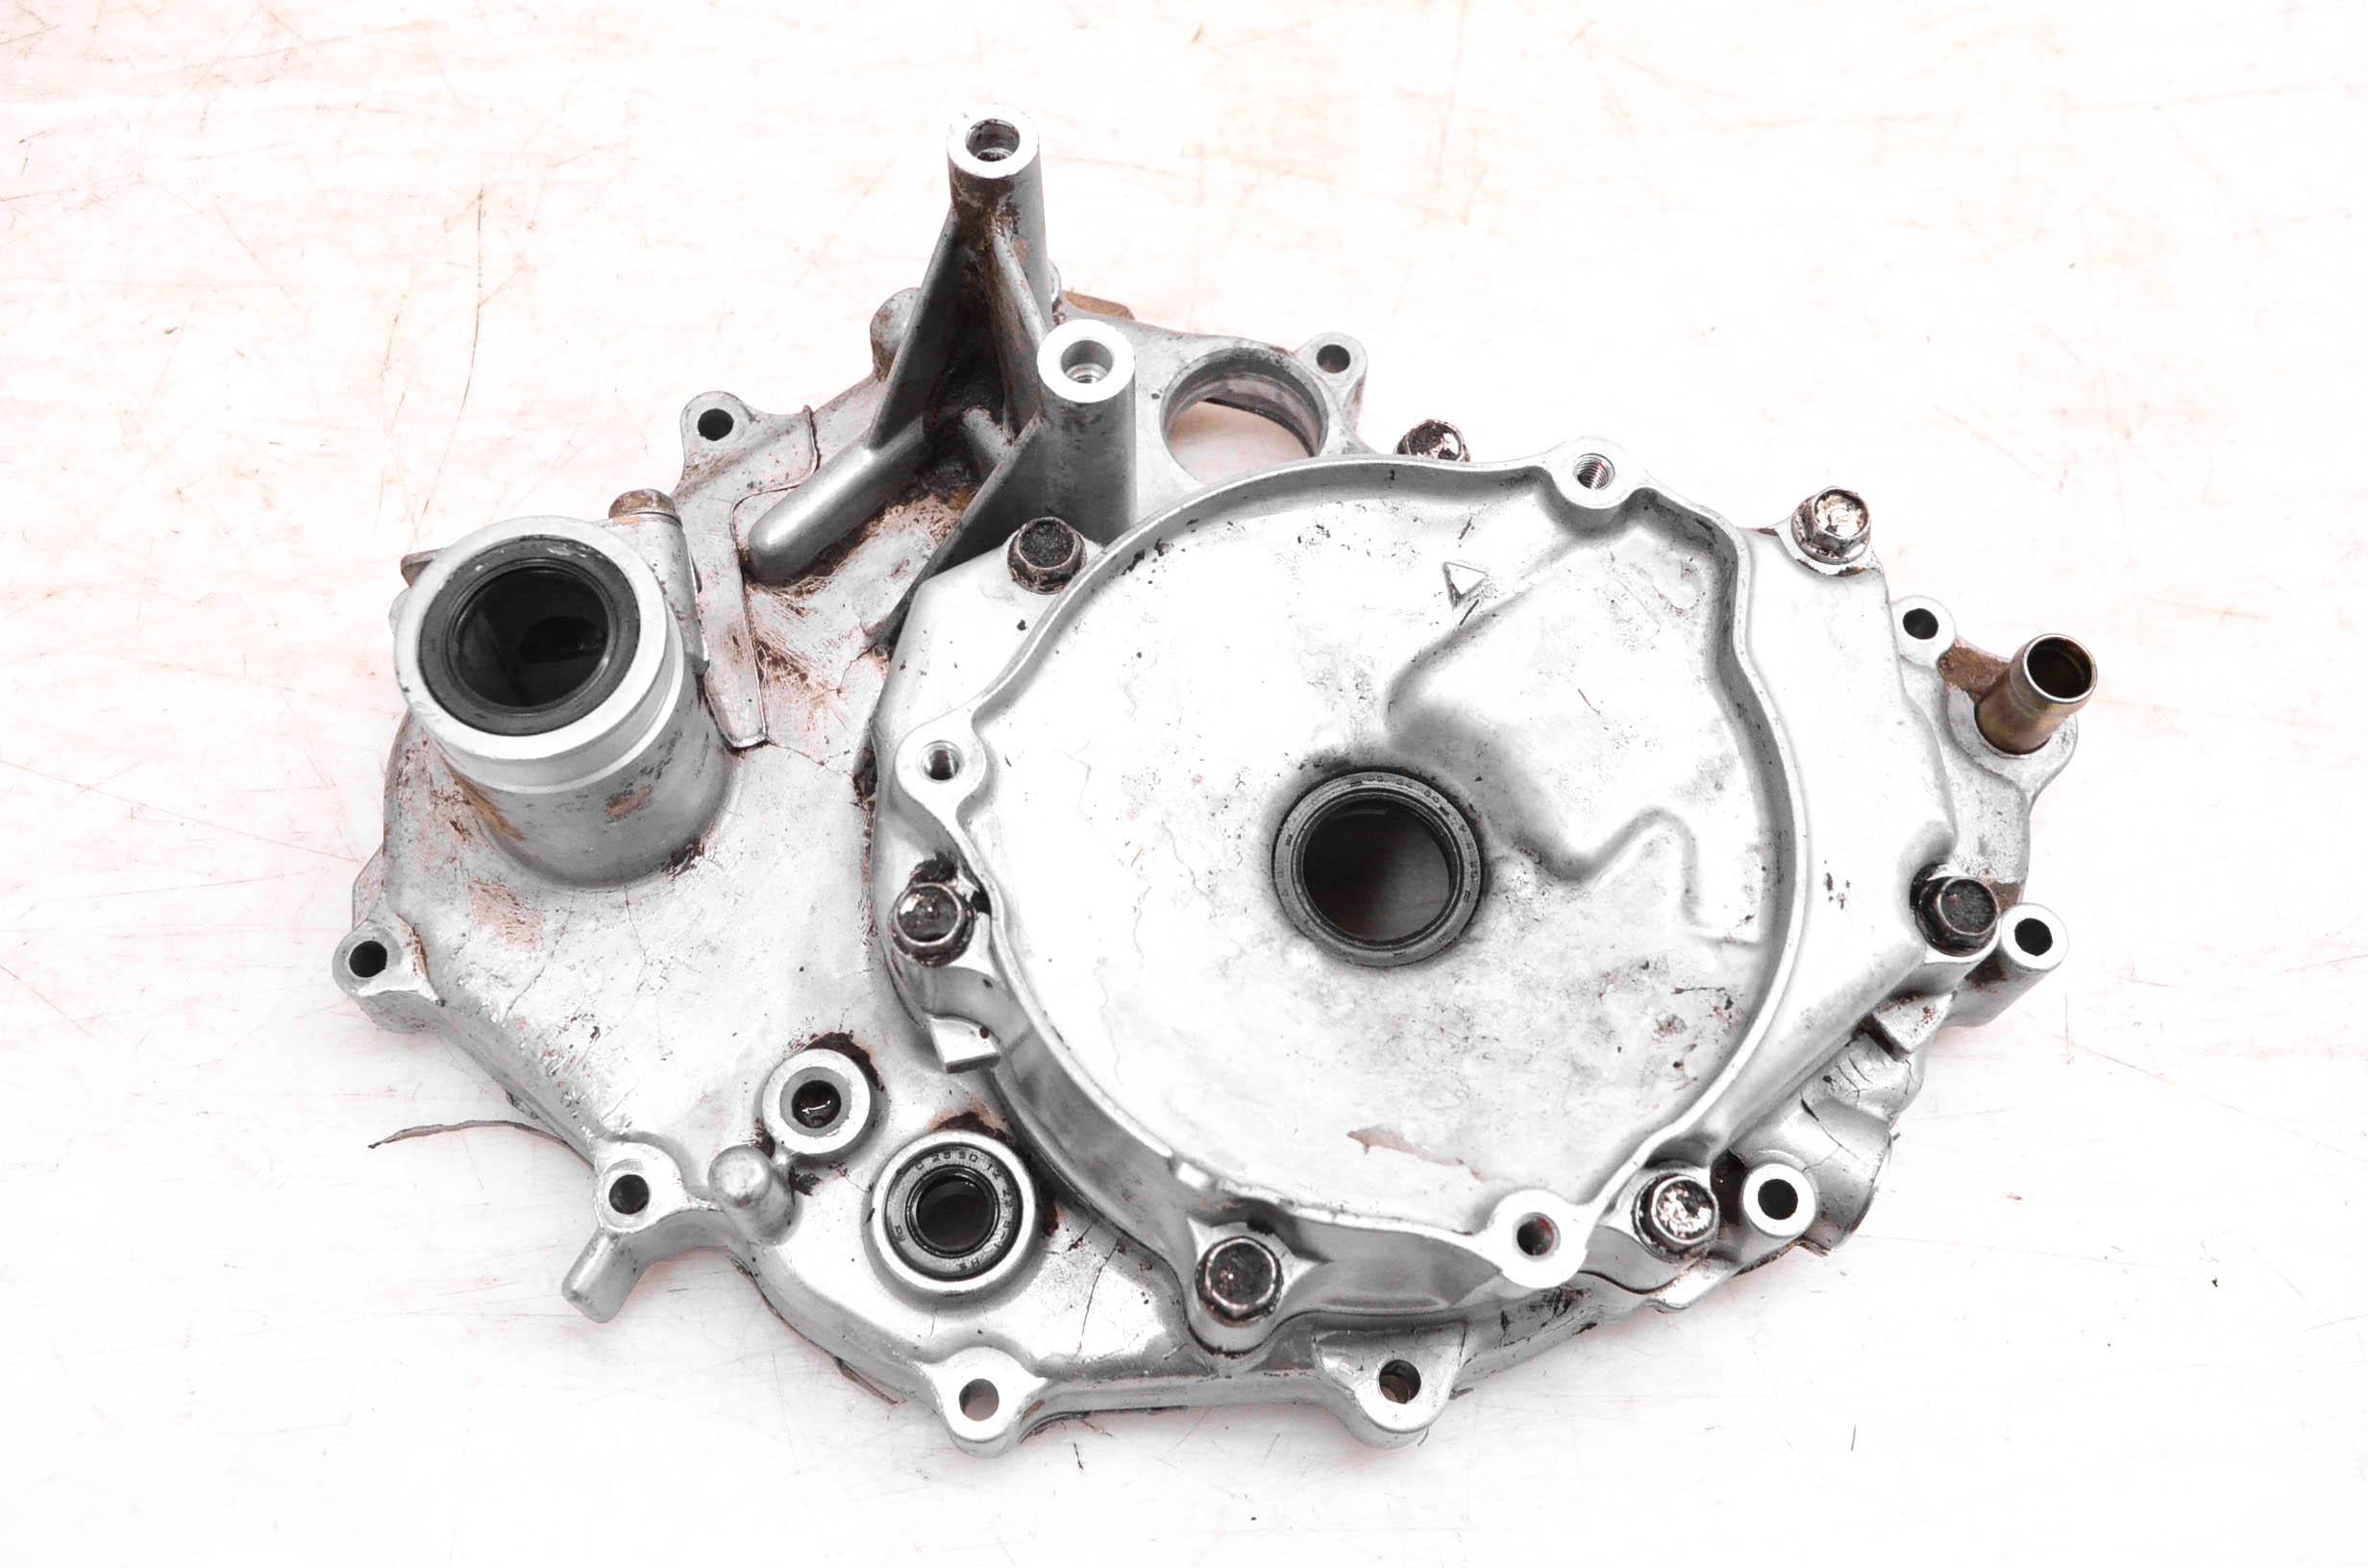 04 Honda Rancher 350 4x4 Inner & Outer Stator Covers